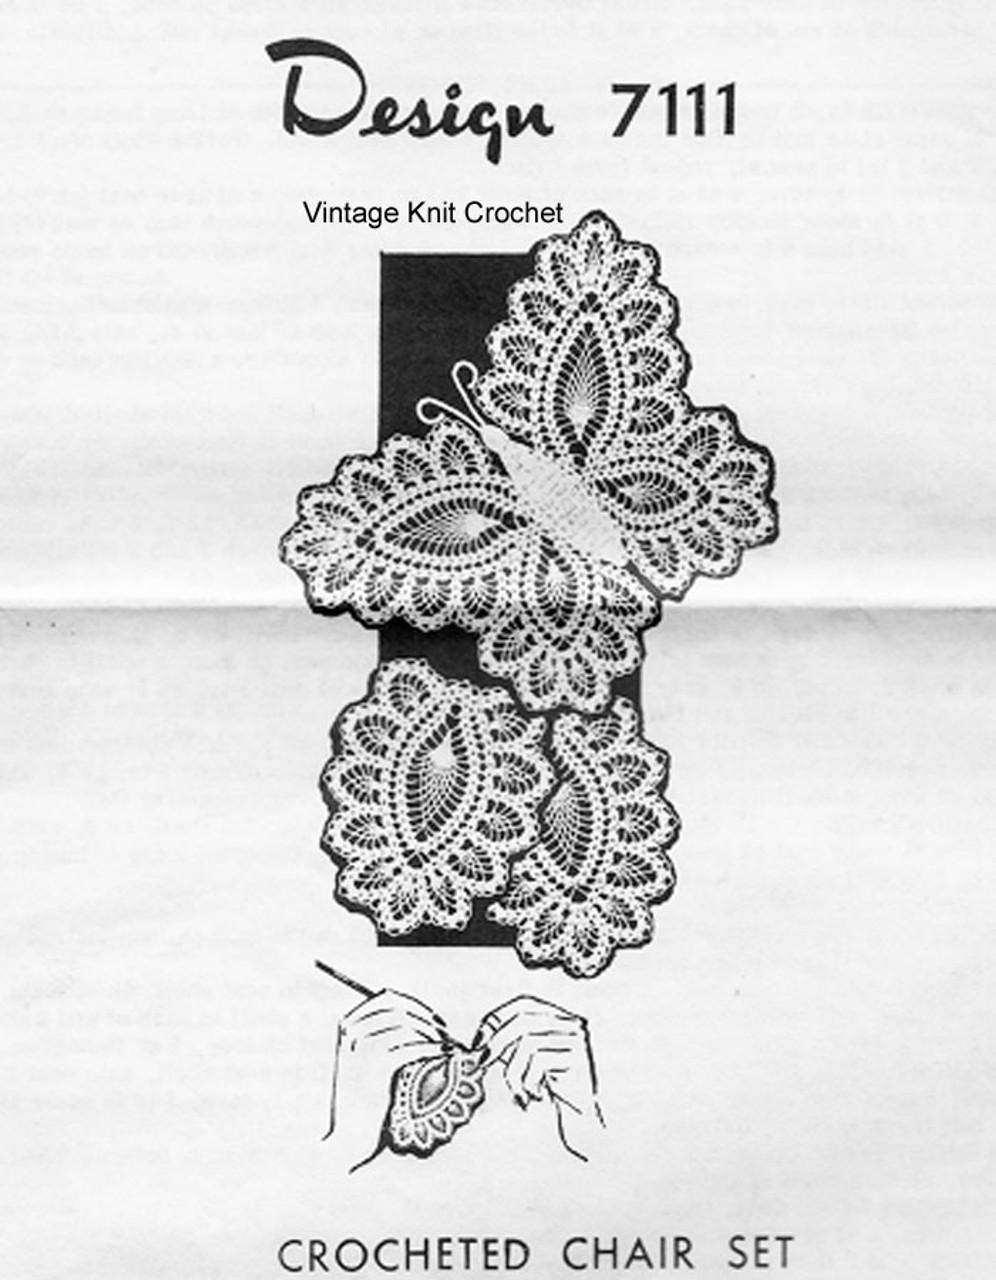 Butterfly Crochet Chair Set Pattern Design 7111